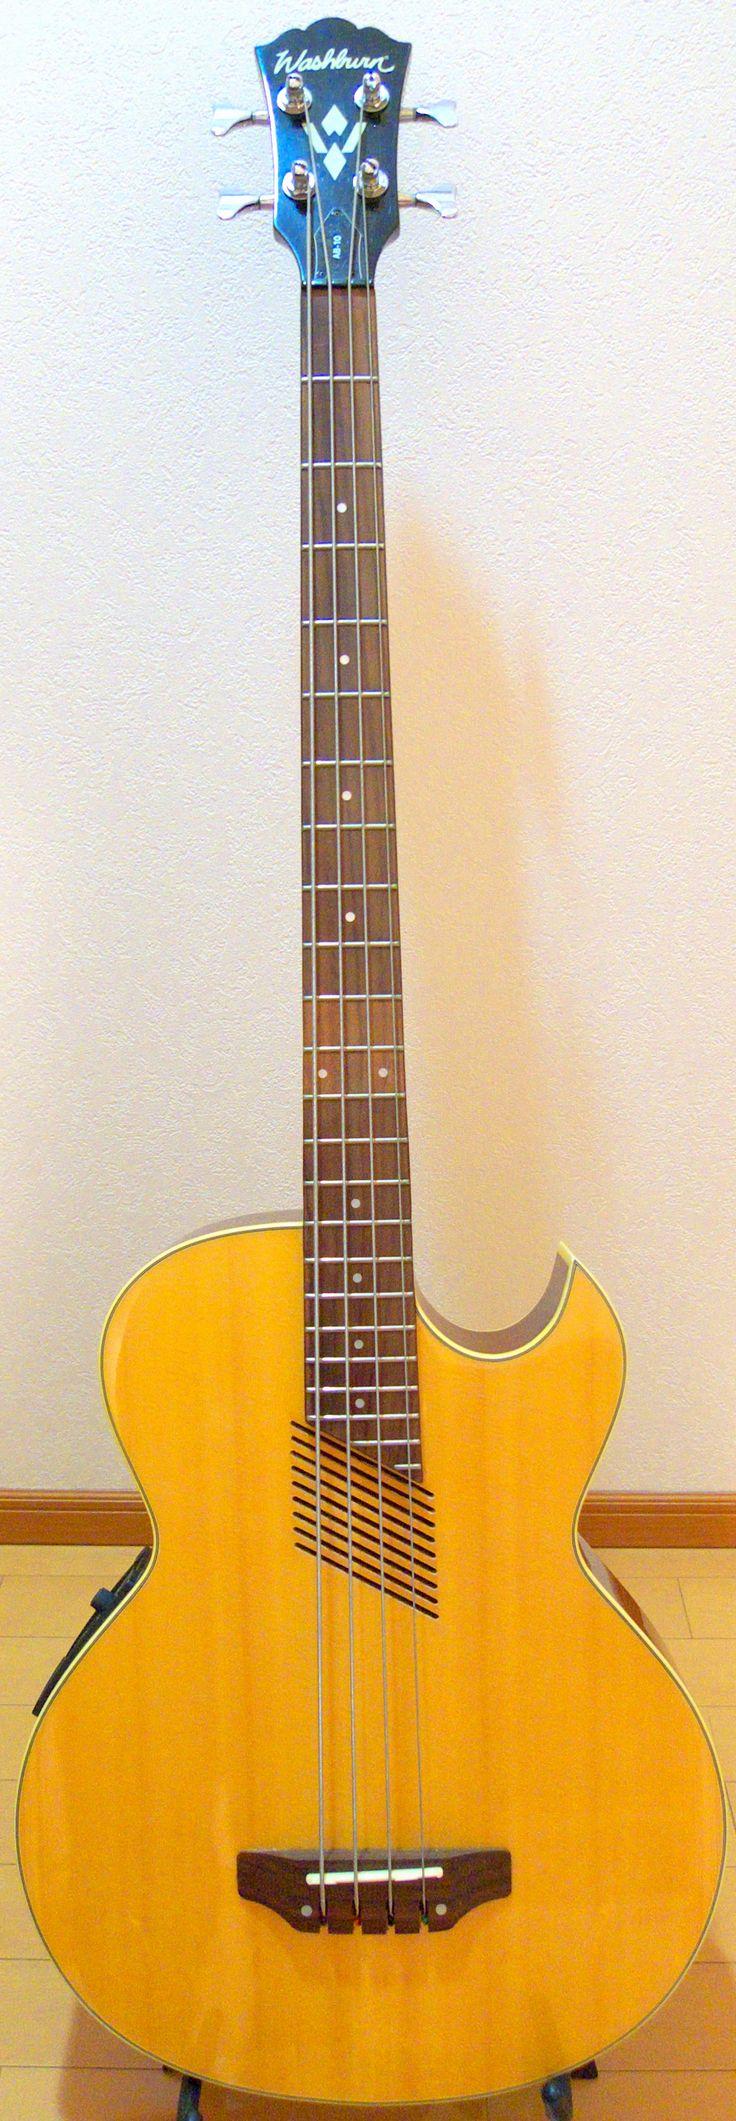 Washburn_AB-10 electric acoustic Bass --- https://www.pinterest.com/lardyfatboy/